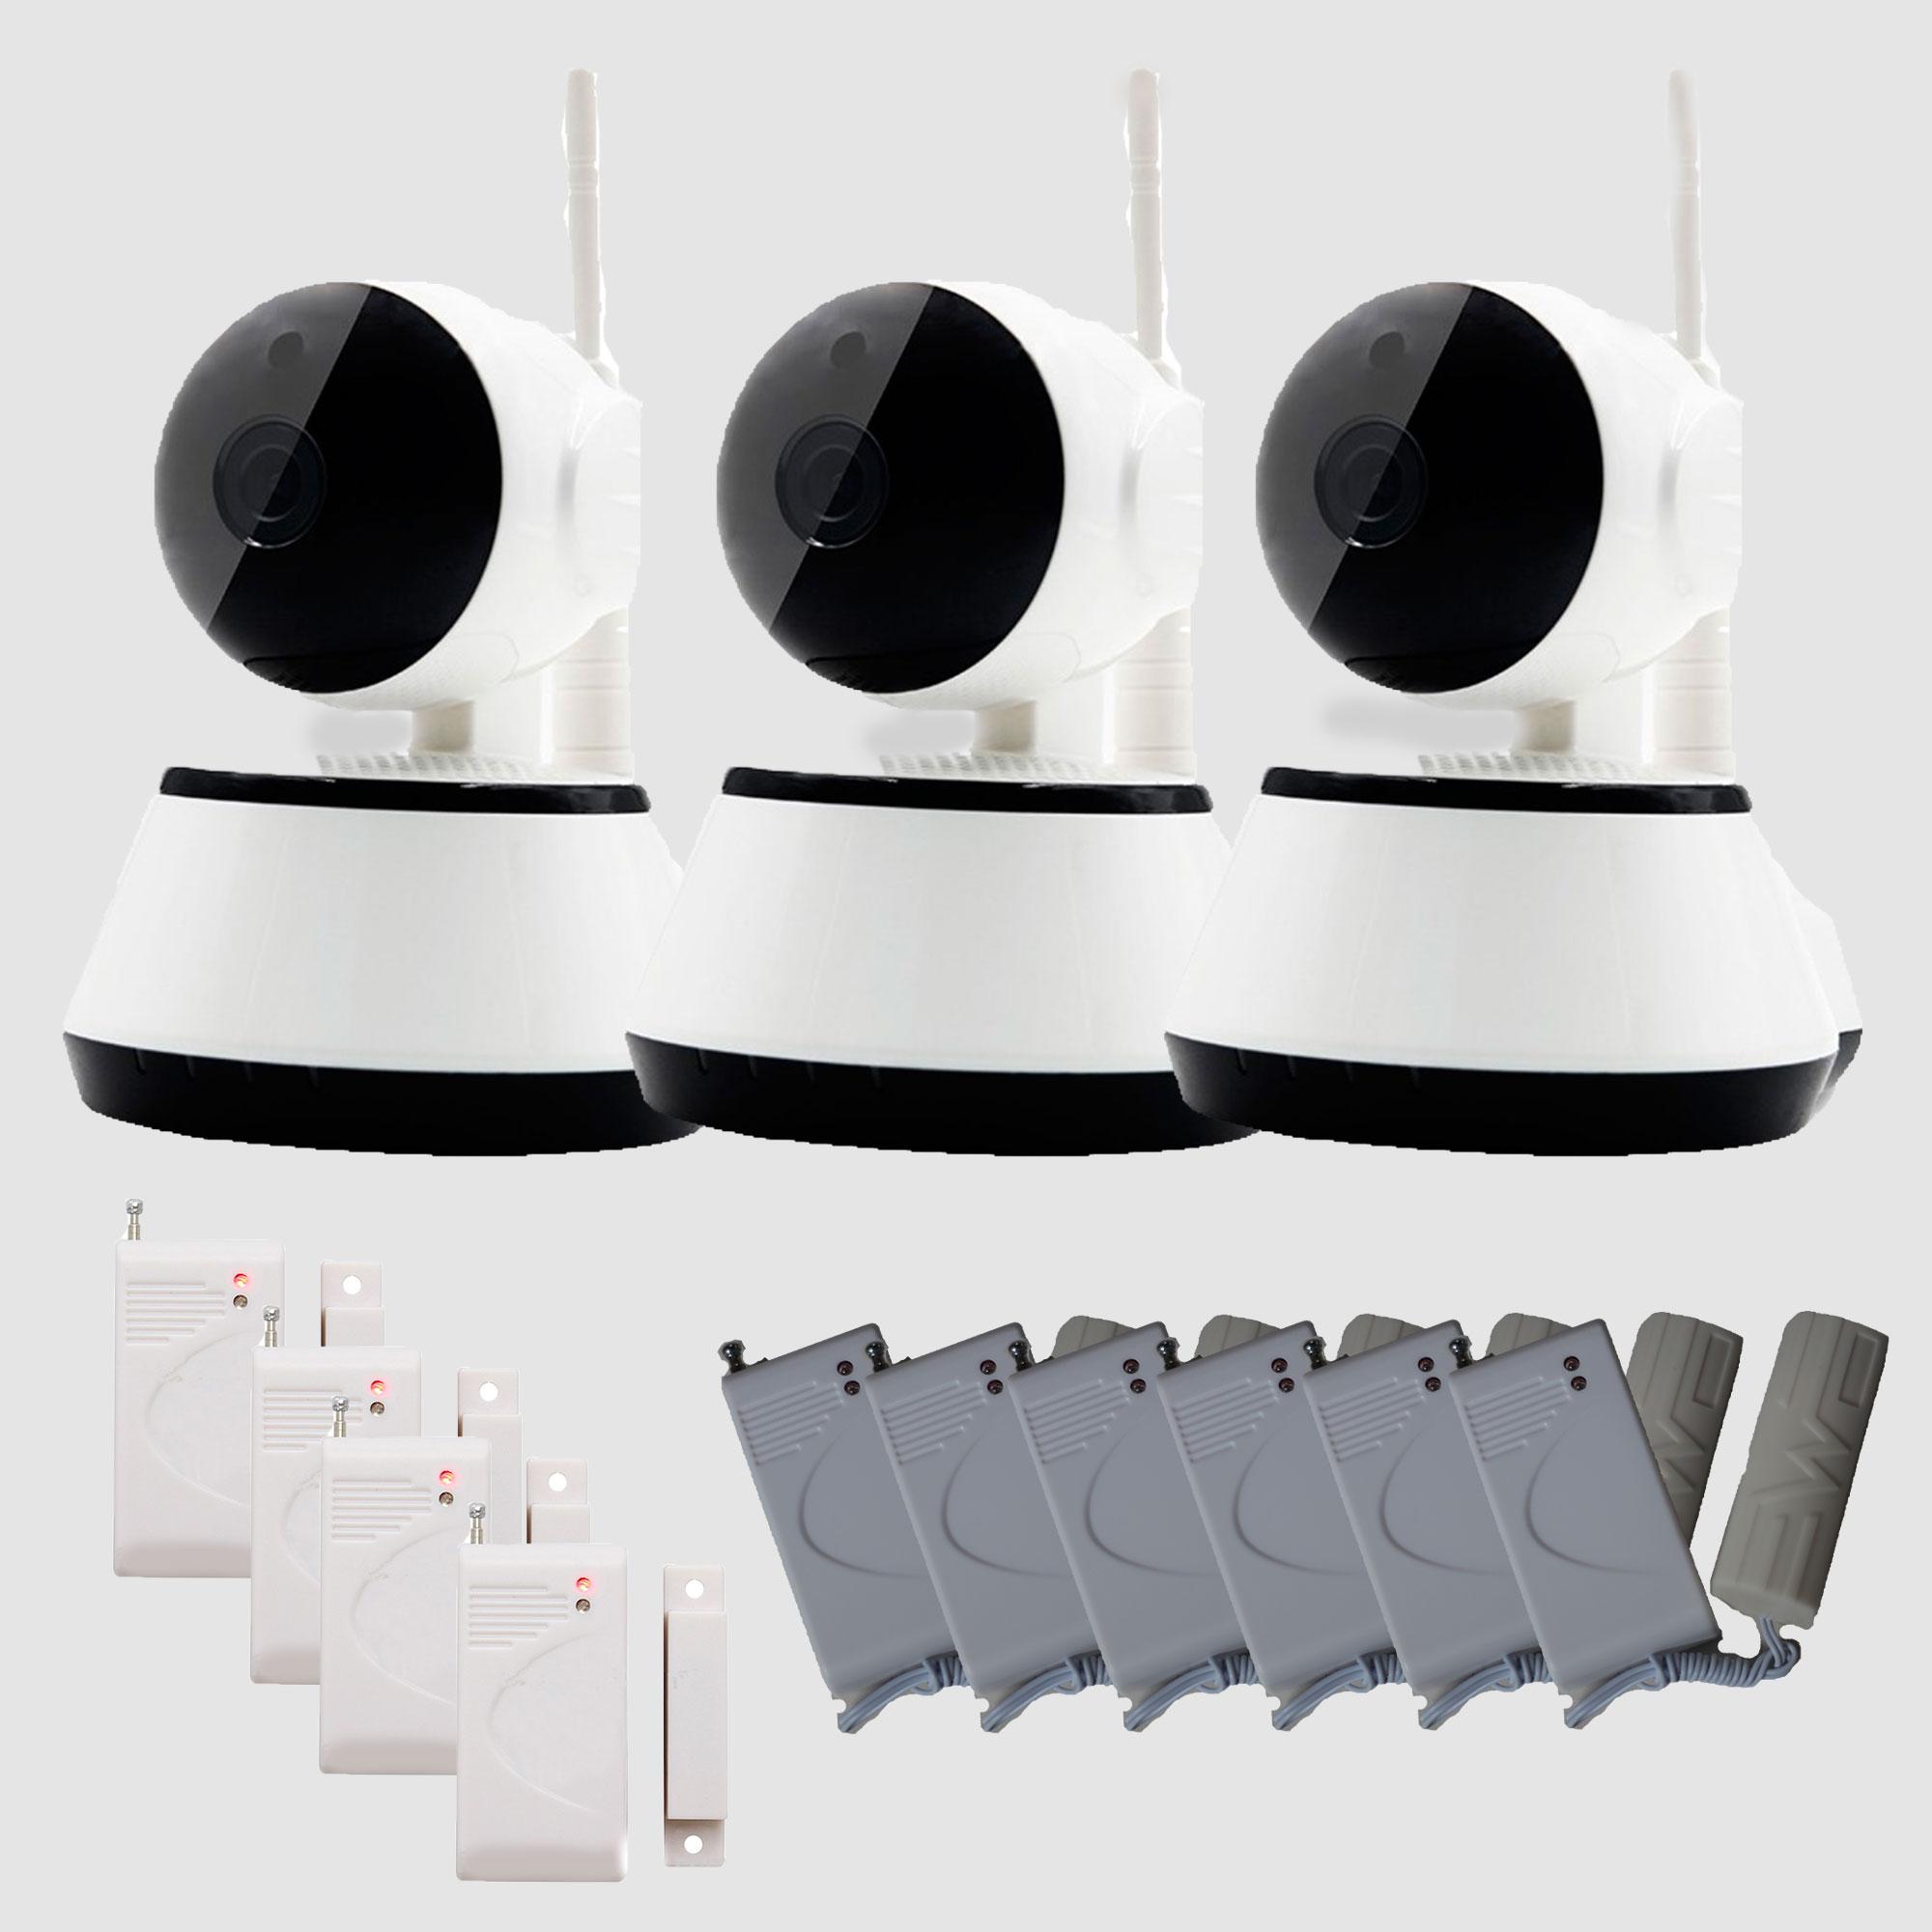 Kit 3 camaras ip wifi 4sensor puerta 6 sensor vibracion 2939 0 akizi - Camara mirilla puerta wifi ...